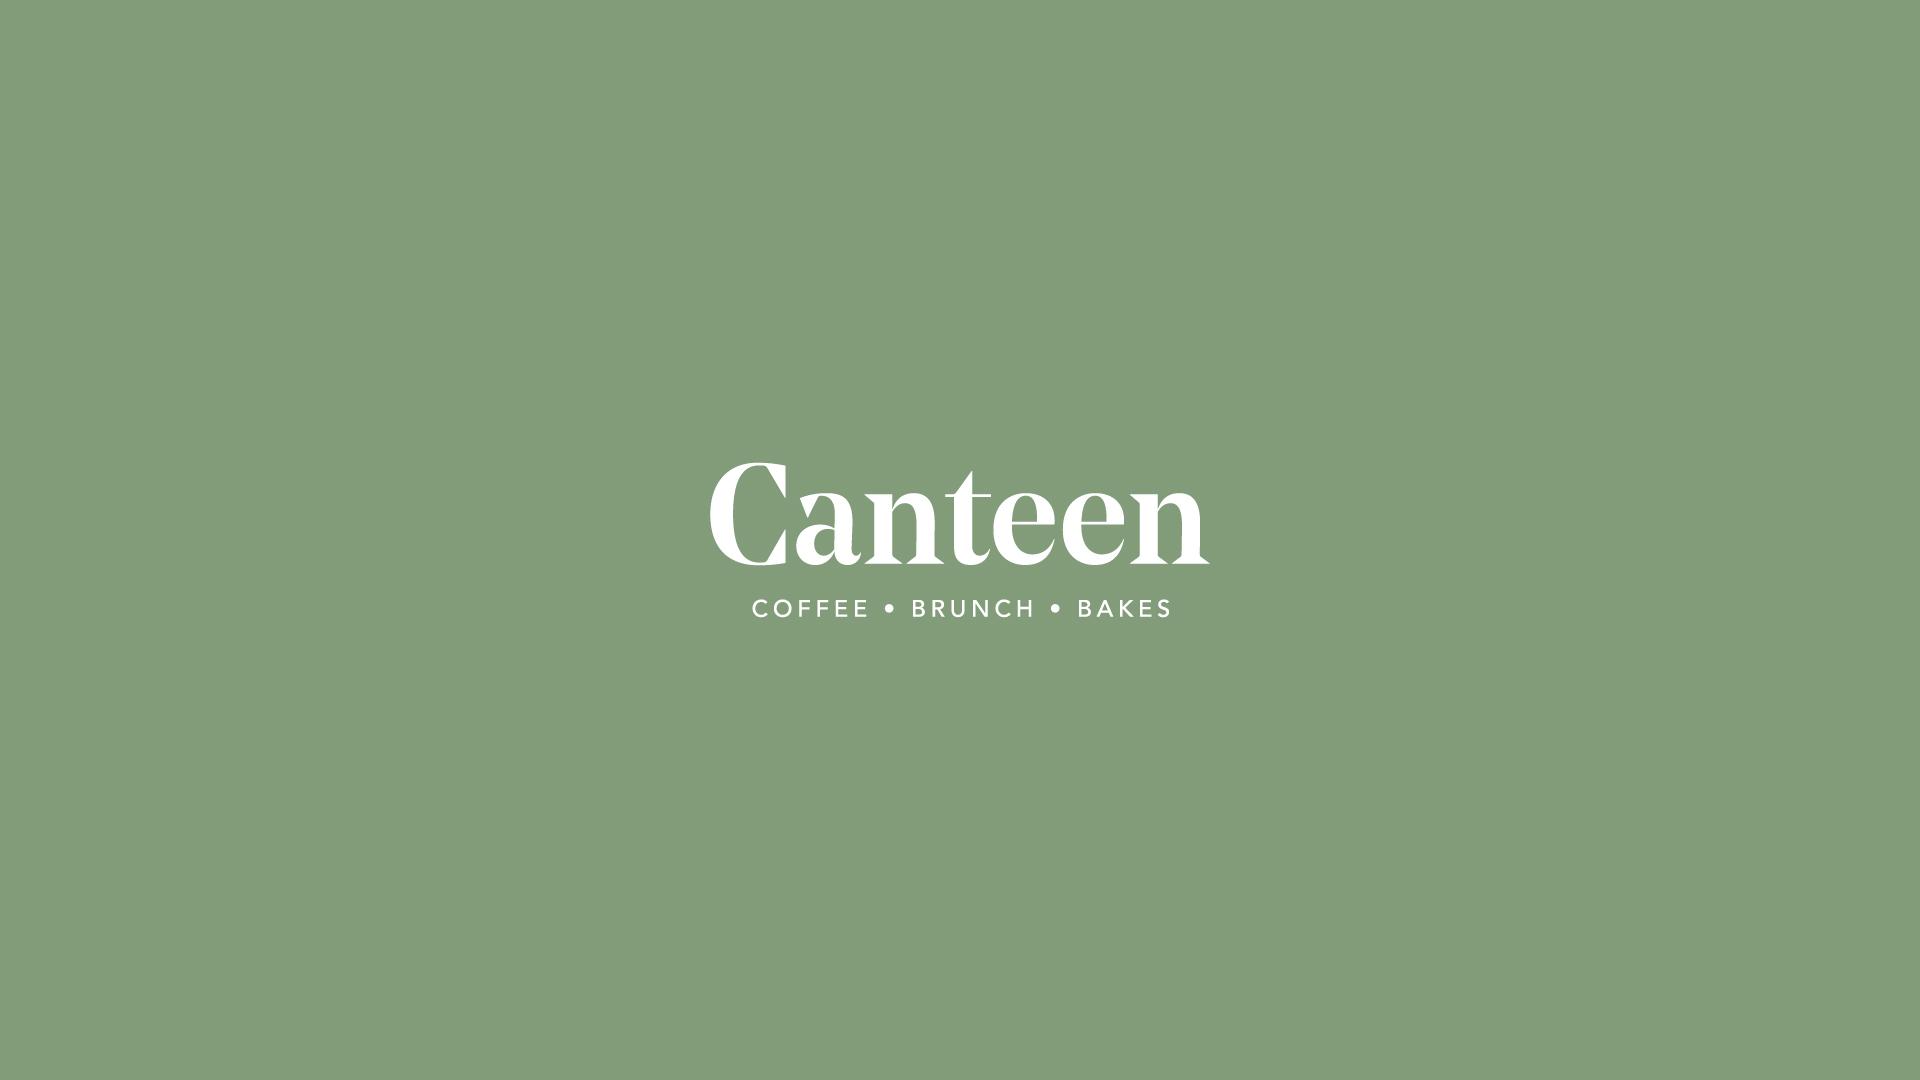 Logo Design - Canteen, Belfast